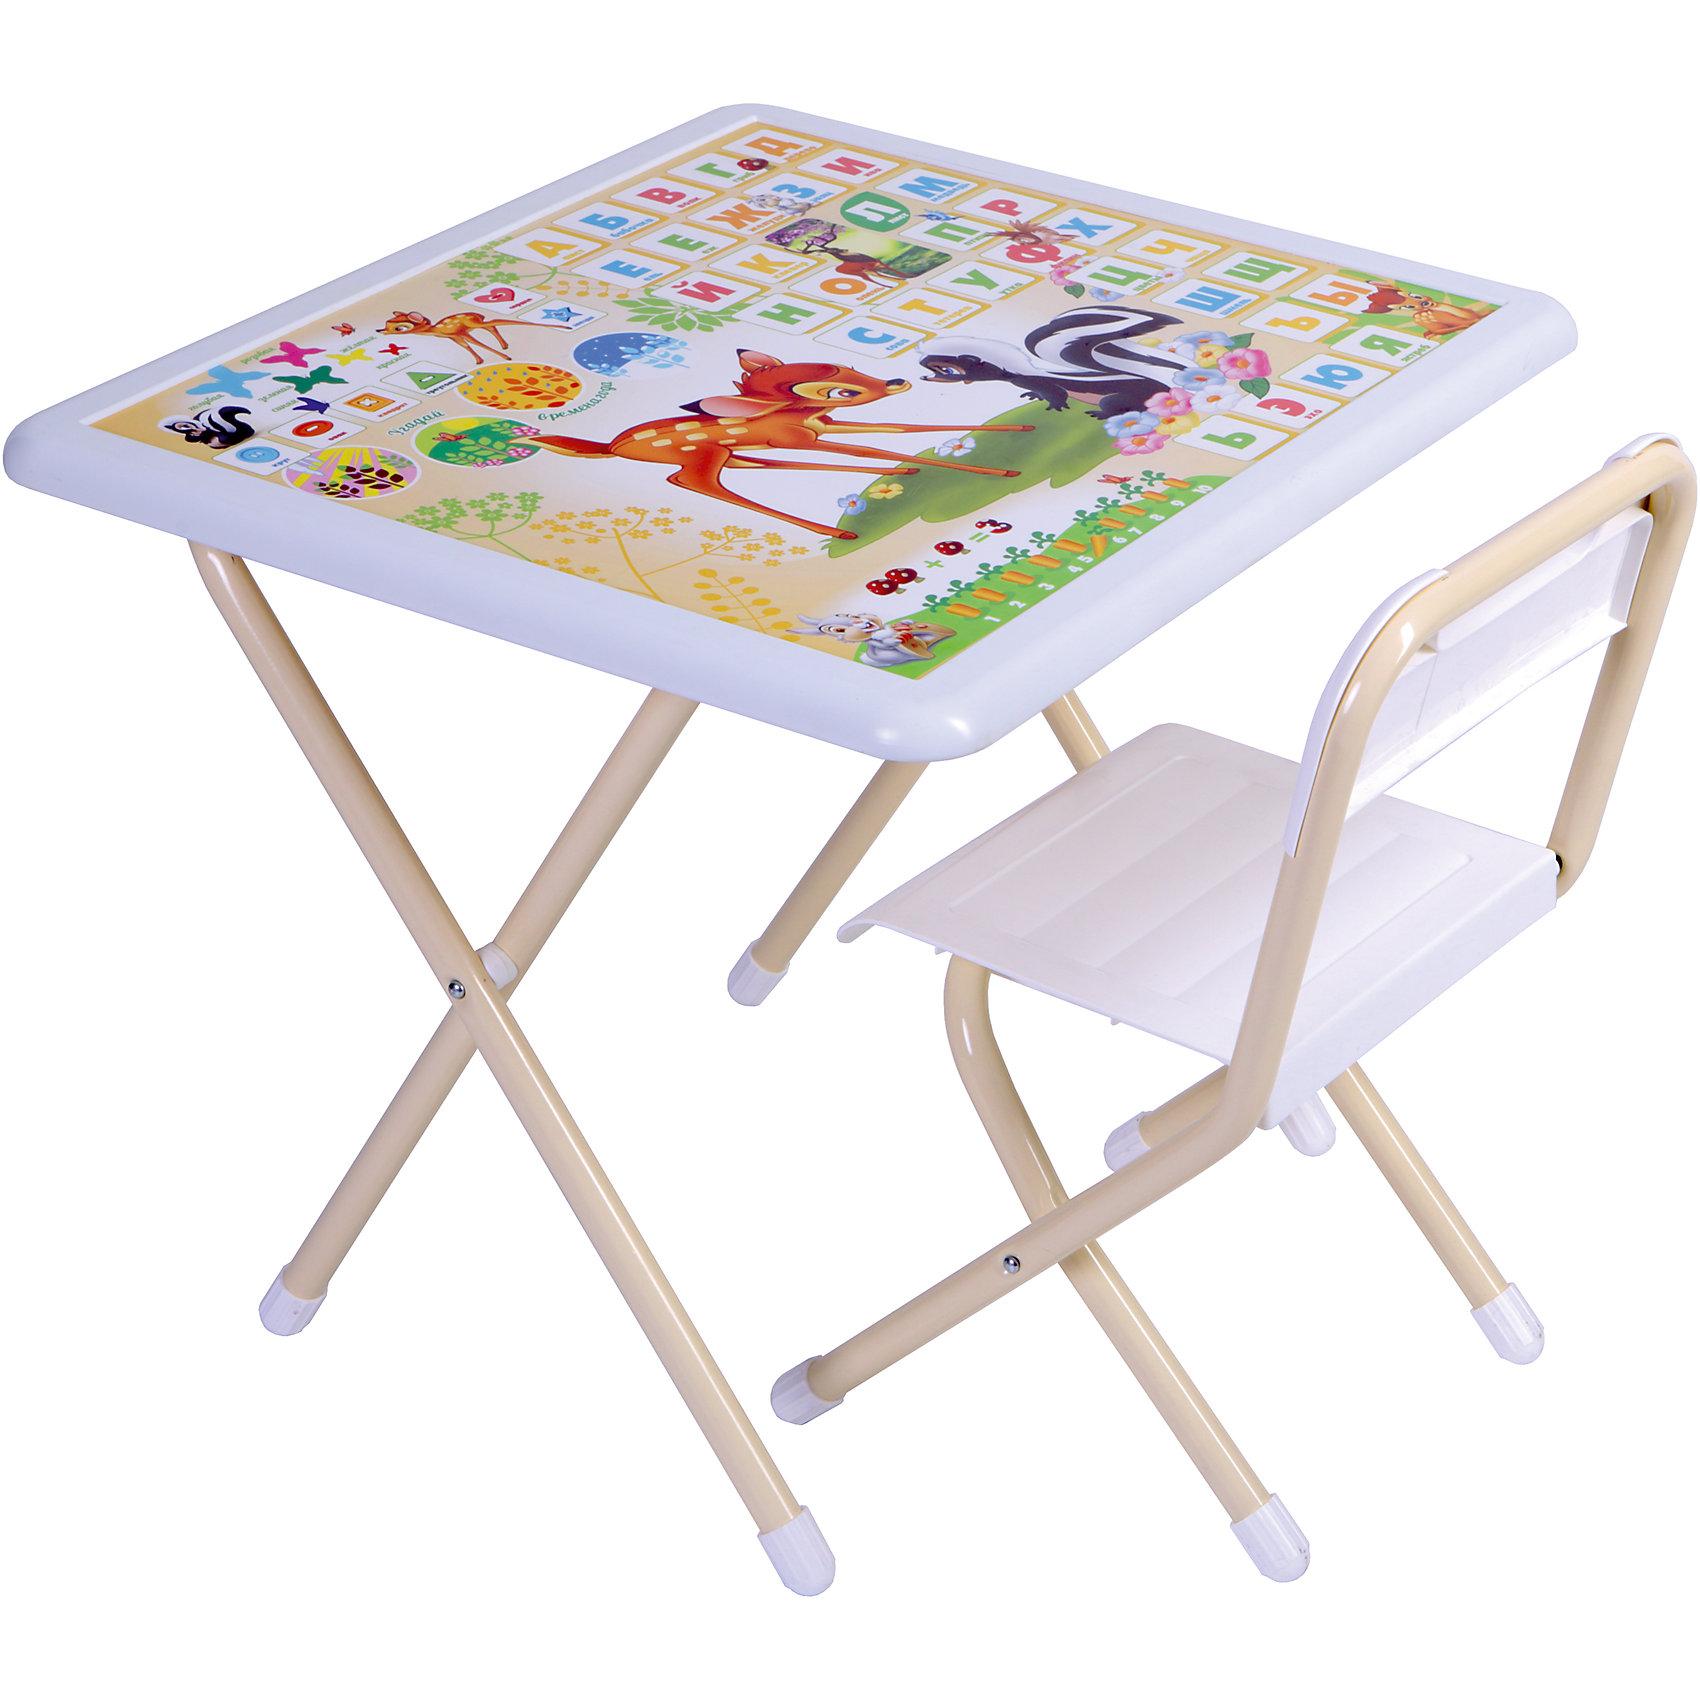 Набор мебели Бэмби, Дэми, бежевый/белыйМебель<br>Набор мебели Бэмби – это полностью оборудованное место для творчества и занятий вашего малыша.<br>Набор складной детской мебели Бэмби предназначен для детей от 1,5 до 7 лет. Ее легко развернуть и так же легко убрать. Чтобы свернуть рабочее место, нужно всего лишь сложить ножки стола и стула – и поместить набор вдоль стены или в шкаф. Мебель сделана из пластика (столешница, спинка, сиденье) и металла (ножки). По периметру столешницы расположен пластмассовый бампер с закругленными углами, который обеспечивает комфорт и безопасность во время работы. На ножках стола и стула – пластмассовые заглушки. Мебель спроектирована при участии врачей-ортопедов, поэтому занятия для ребенка проходят с комфортом. Он держит спину ровно и правильно распределяет нагрузку на позвоночник благодаря слегка отклоненной спинке стула. Расстояние от глаз до учебных материалов на столе также является оптимальным. На столешнице красуются не только главные герои мультфильма «Бэмби», но и веселые развивающие шпаргалки! Ребенок изучит алфавит и цифры, познакомится с геометрическими фигурами и цветами, временами года. Набор мебели обеспечит вашему ребенку занятия учебой и творчеством в наиболее удобной обстановке. Можно использовать как место для кормления.<br><br>Дополнительная информация:<br><br>- В комплекте: стол, стул, руководство по эксплуатации<br>- Комплект предназначен для детей ростом 115-130 см.<br>- Максимальная нагрузка на стул: 30 кг.<br>- Материал: пластик, металл<br>- Цвет: белый<br>- Размер столешницы: 650х555 мм.<br>- Высота от пола: 515 мм.<br>- Размер сиденья стула: 340х360 мм.<br>- Высота сиденья от пола: 345 мм.<br>- Упаковка: картонная коробка<br>- Размер упаковки: 150х740х650 мм.<br>- Вес: 7,7 кг.<br><br>Набор мебели Бэмби можно купить в нашем интернет-магазине.<br><br>Ширина мм: 74<br>Глубина мм: 64<br>Высота мм: 15<br>Вес г: 7500<br>Возраст от месяцев: -2147483648<br>Возраст до месяцев: 2147483647<br>Пол: Унисекс<br>Возраст: Д